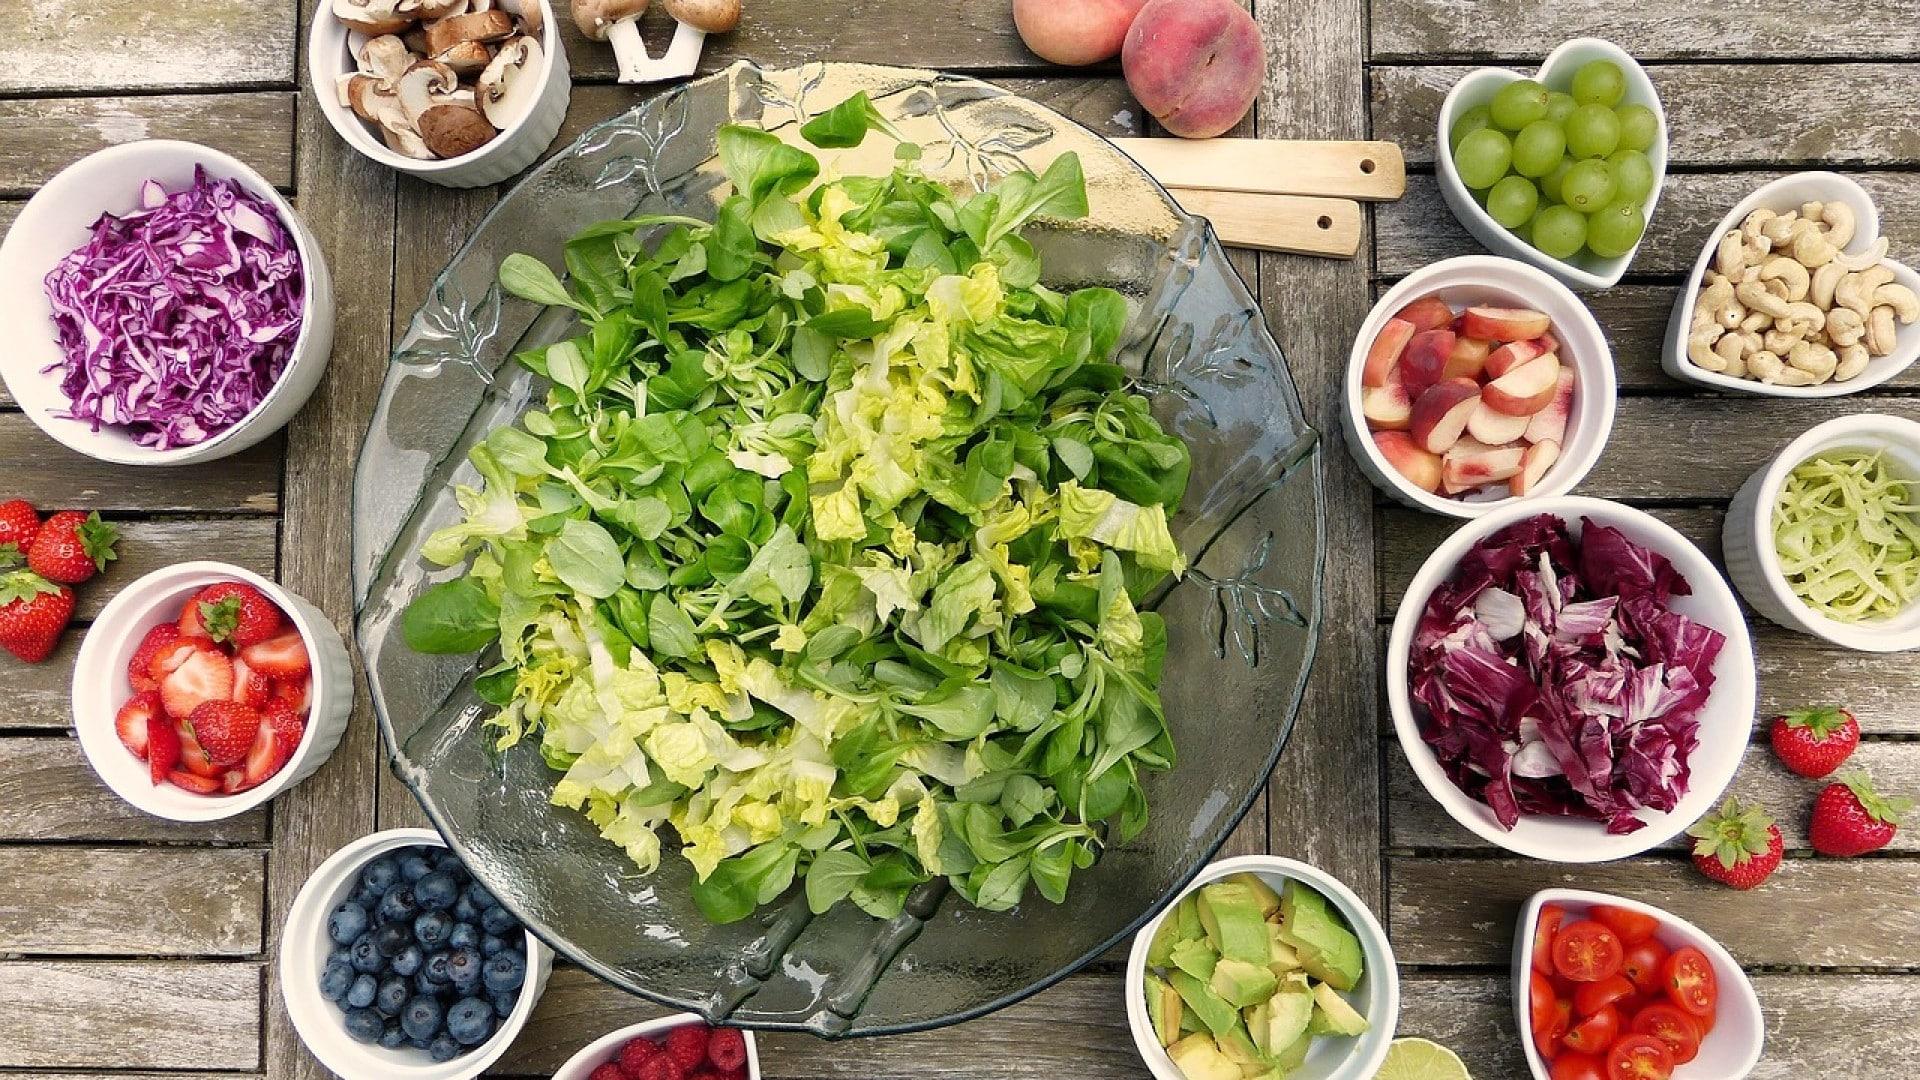 Une huile d'olive aromatisée pour déguster de bonnes salades